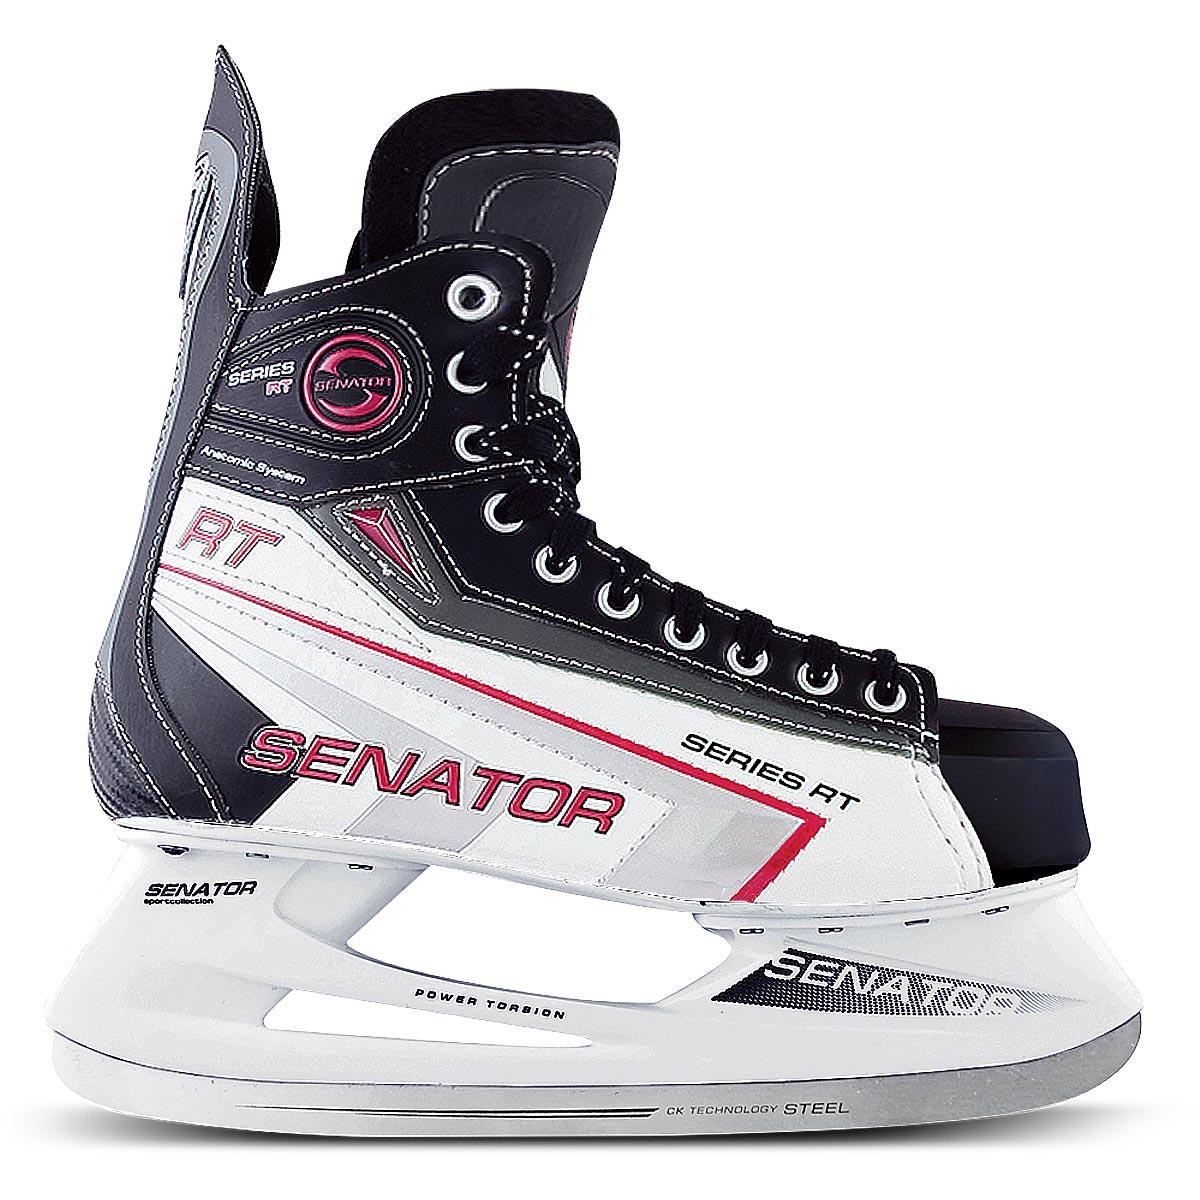 Коньки хоккейные мужские СК Senator RT, цвет: черный, белый. Размер 40